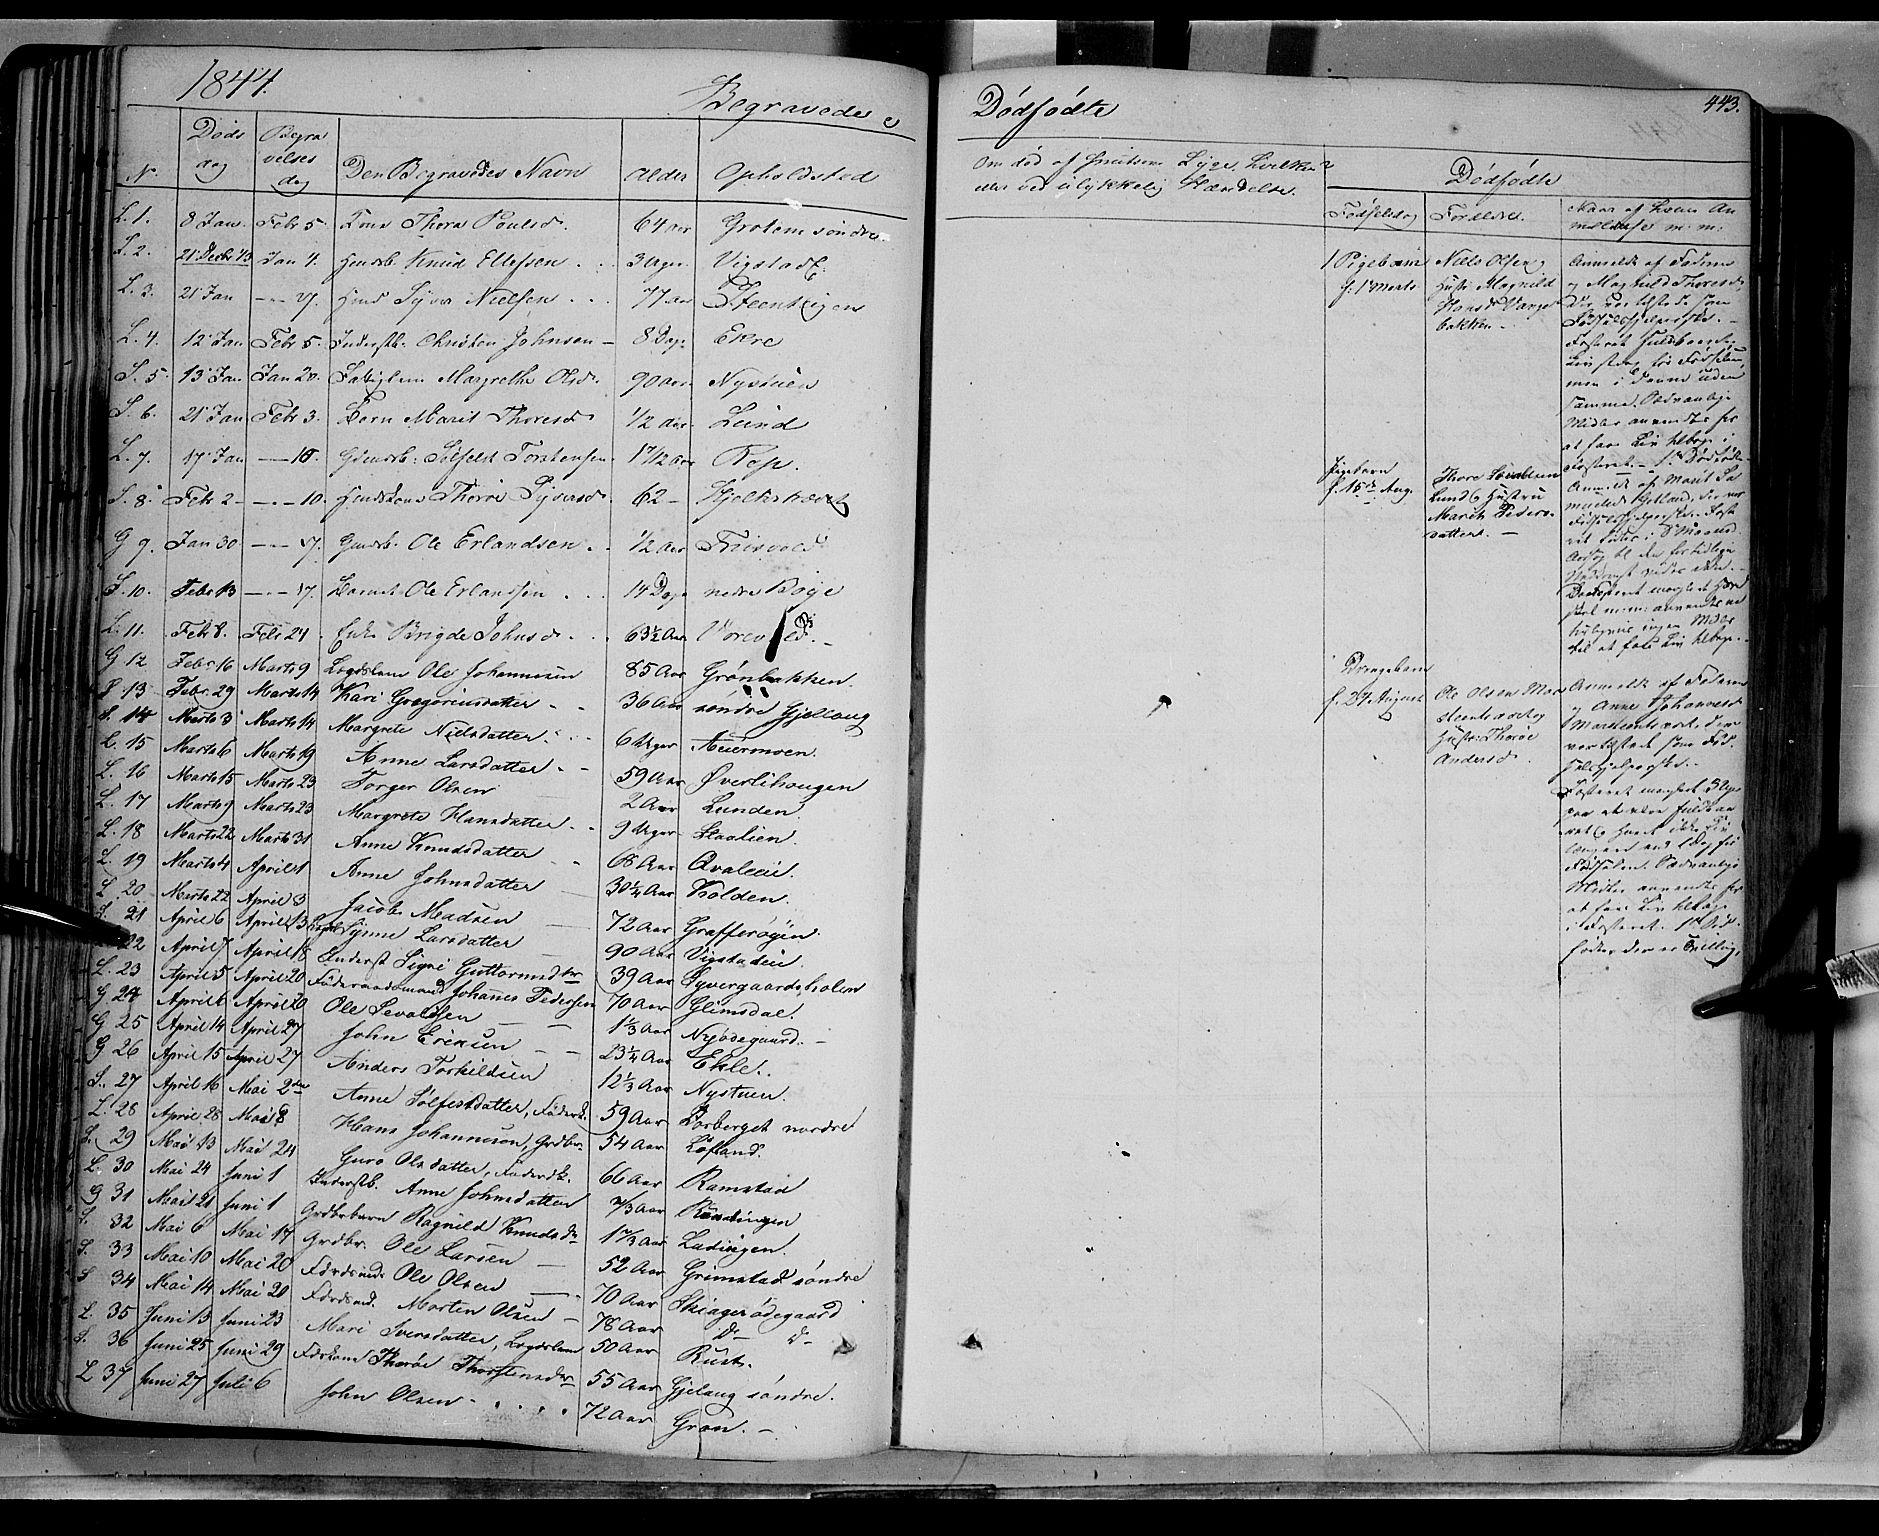 SAH, Lom prestekontor, K/L0006: Ministerialbok nr. 6B, 1837-1863, s. 443